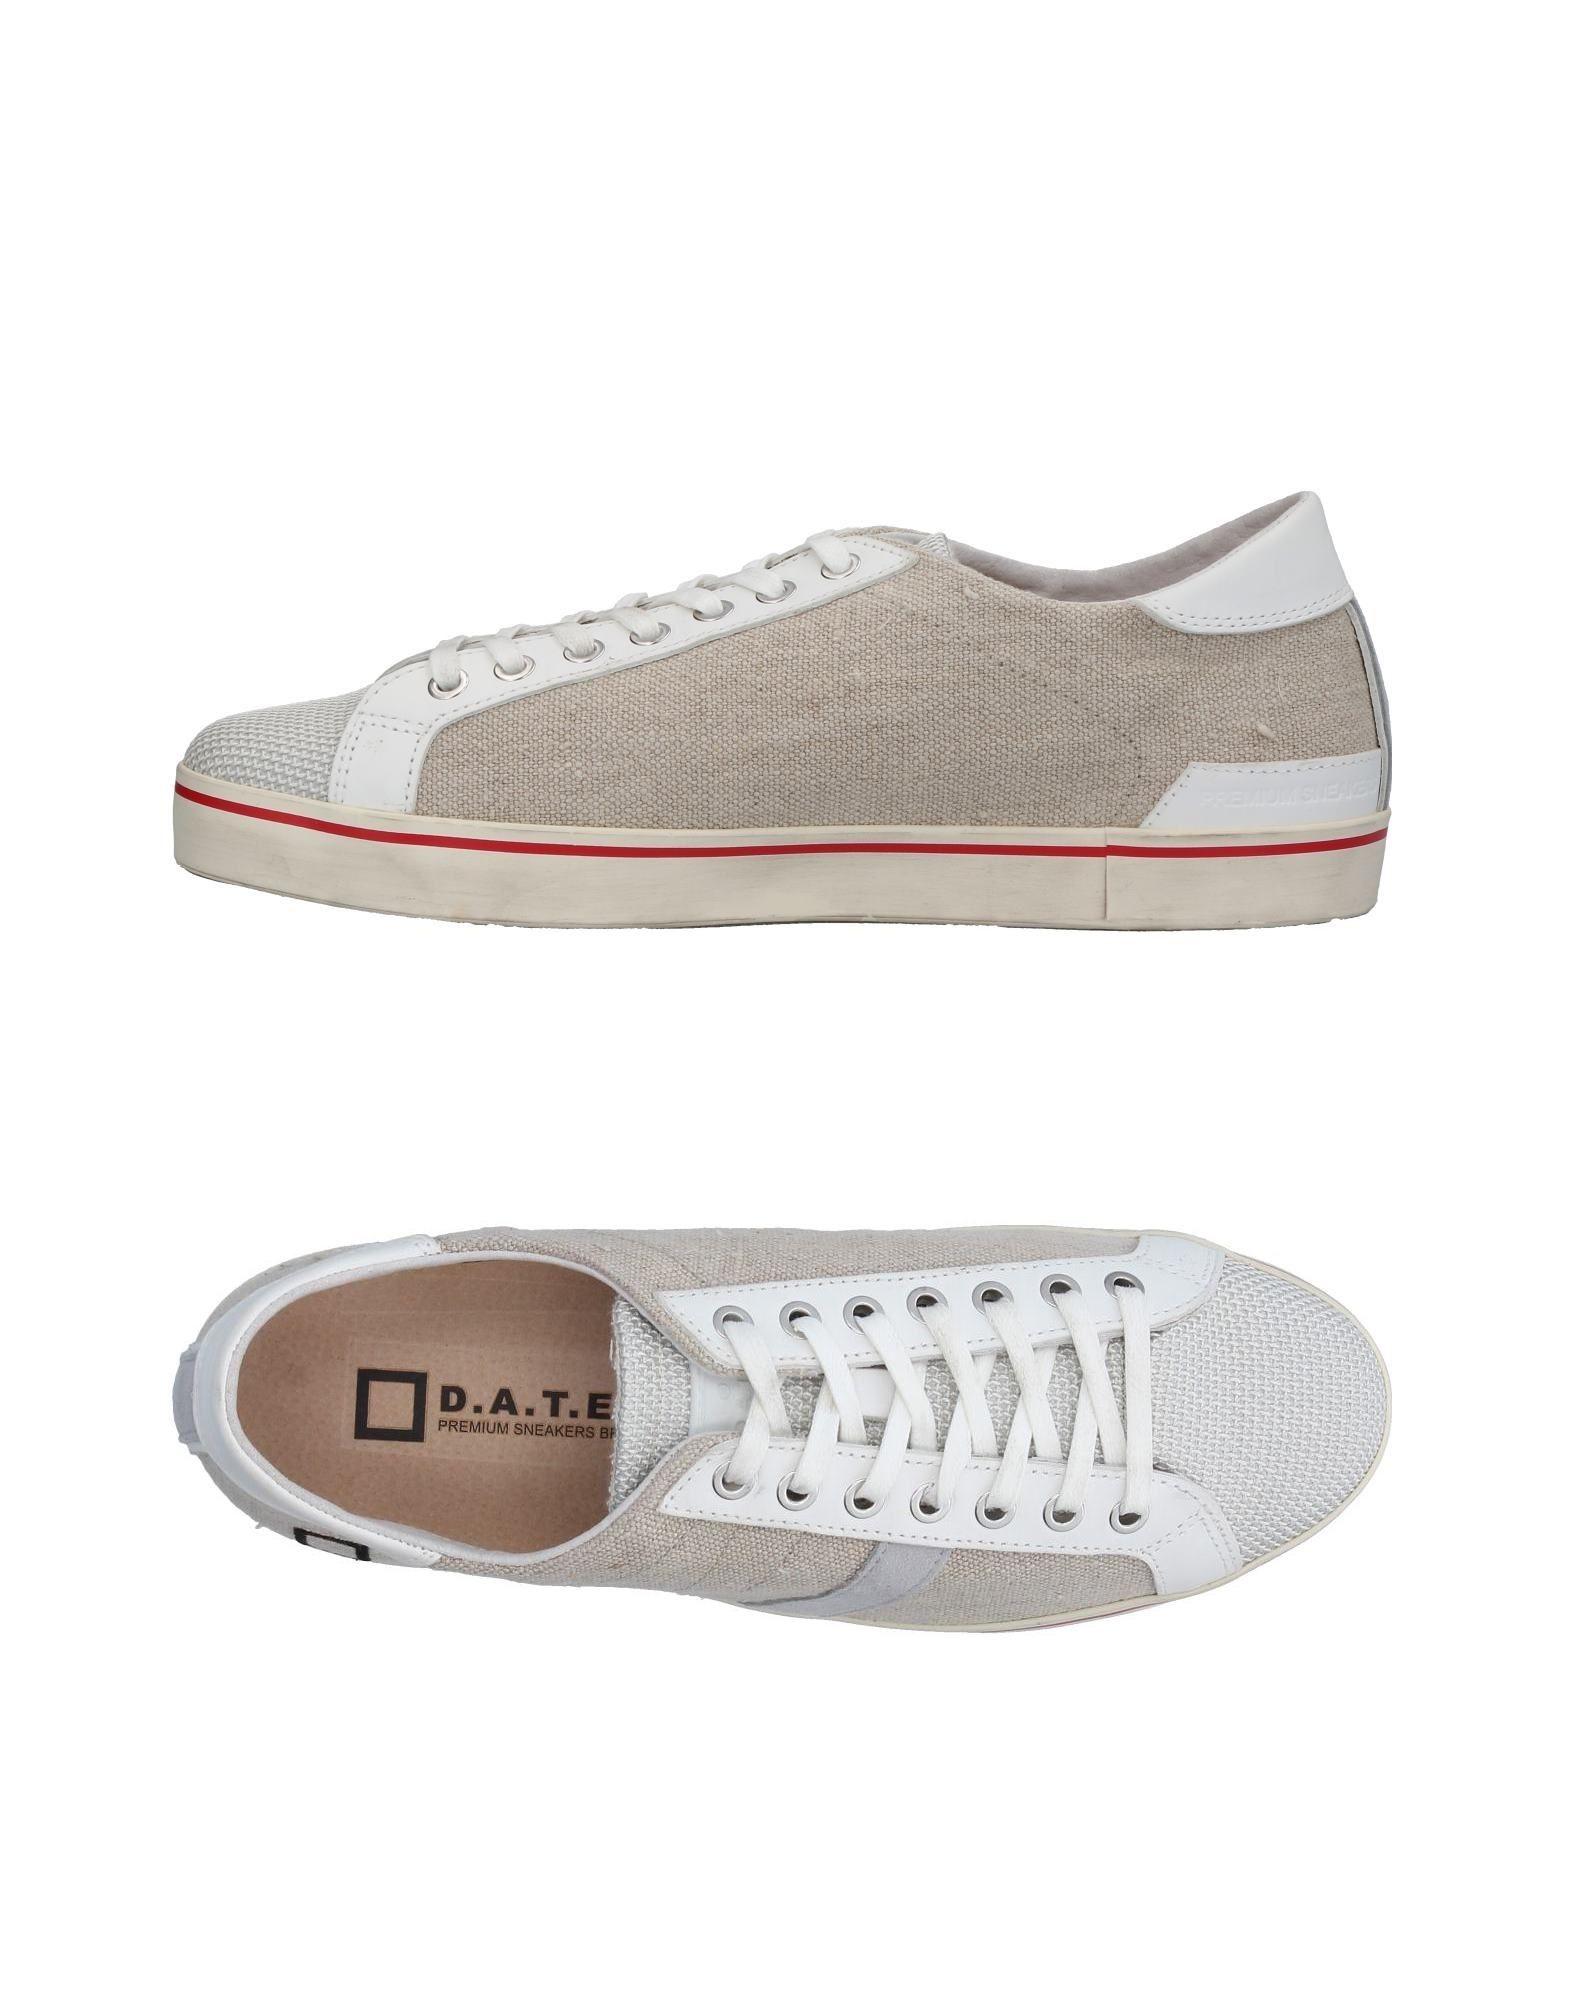 Moda Sneakers Sneakers Moda D.A.T.E. Uomo - 11369996AB 93ed8c